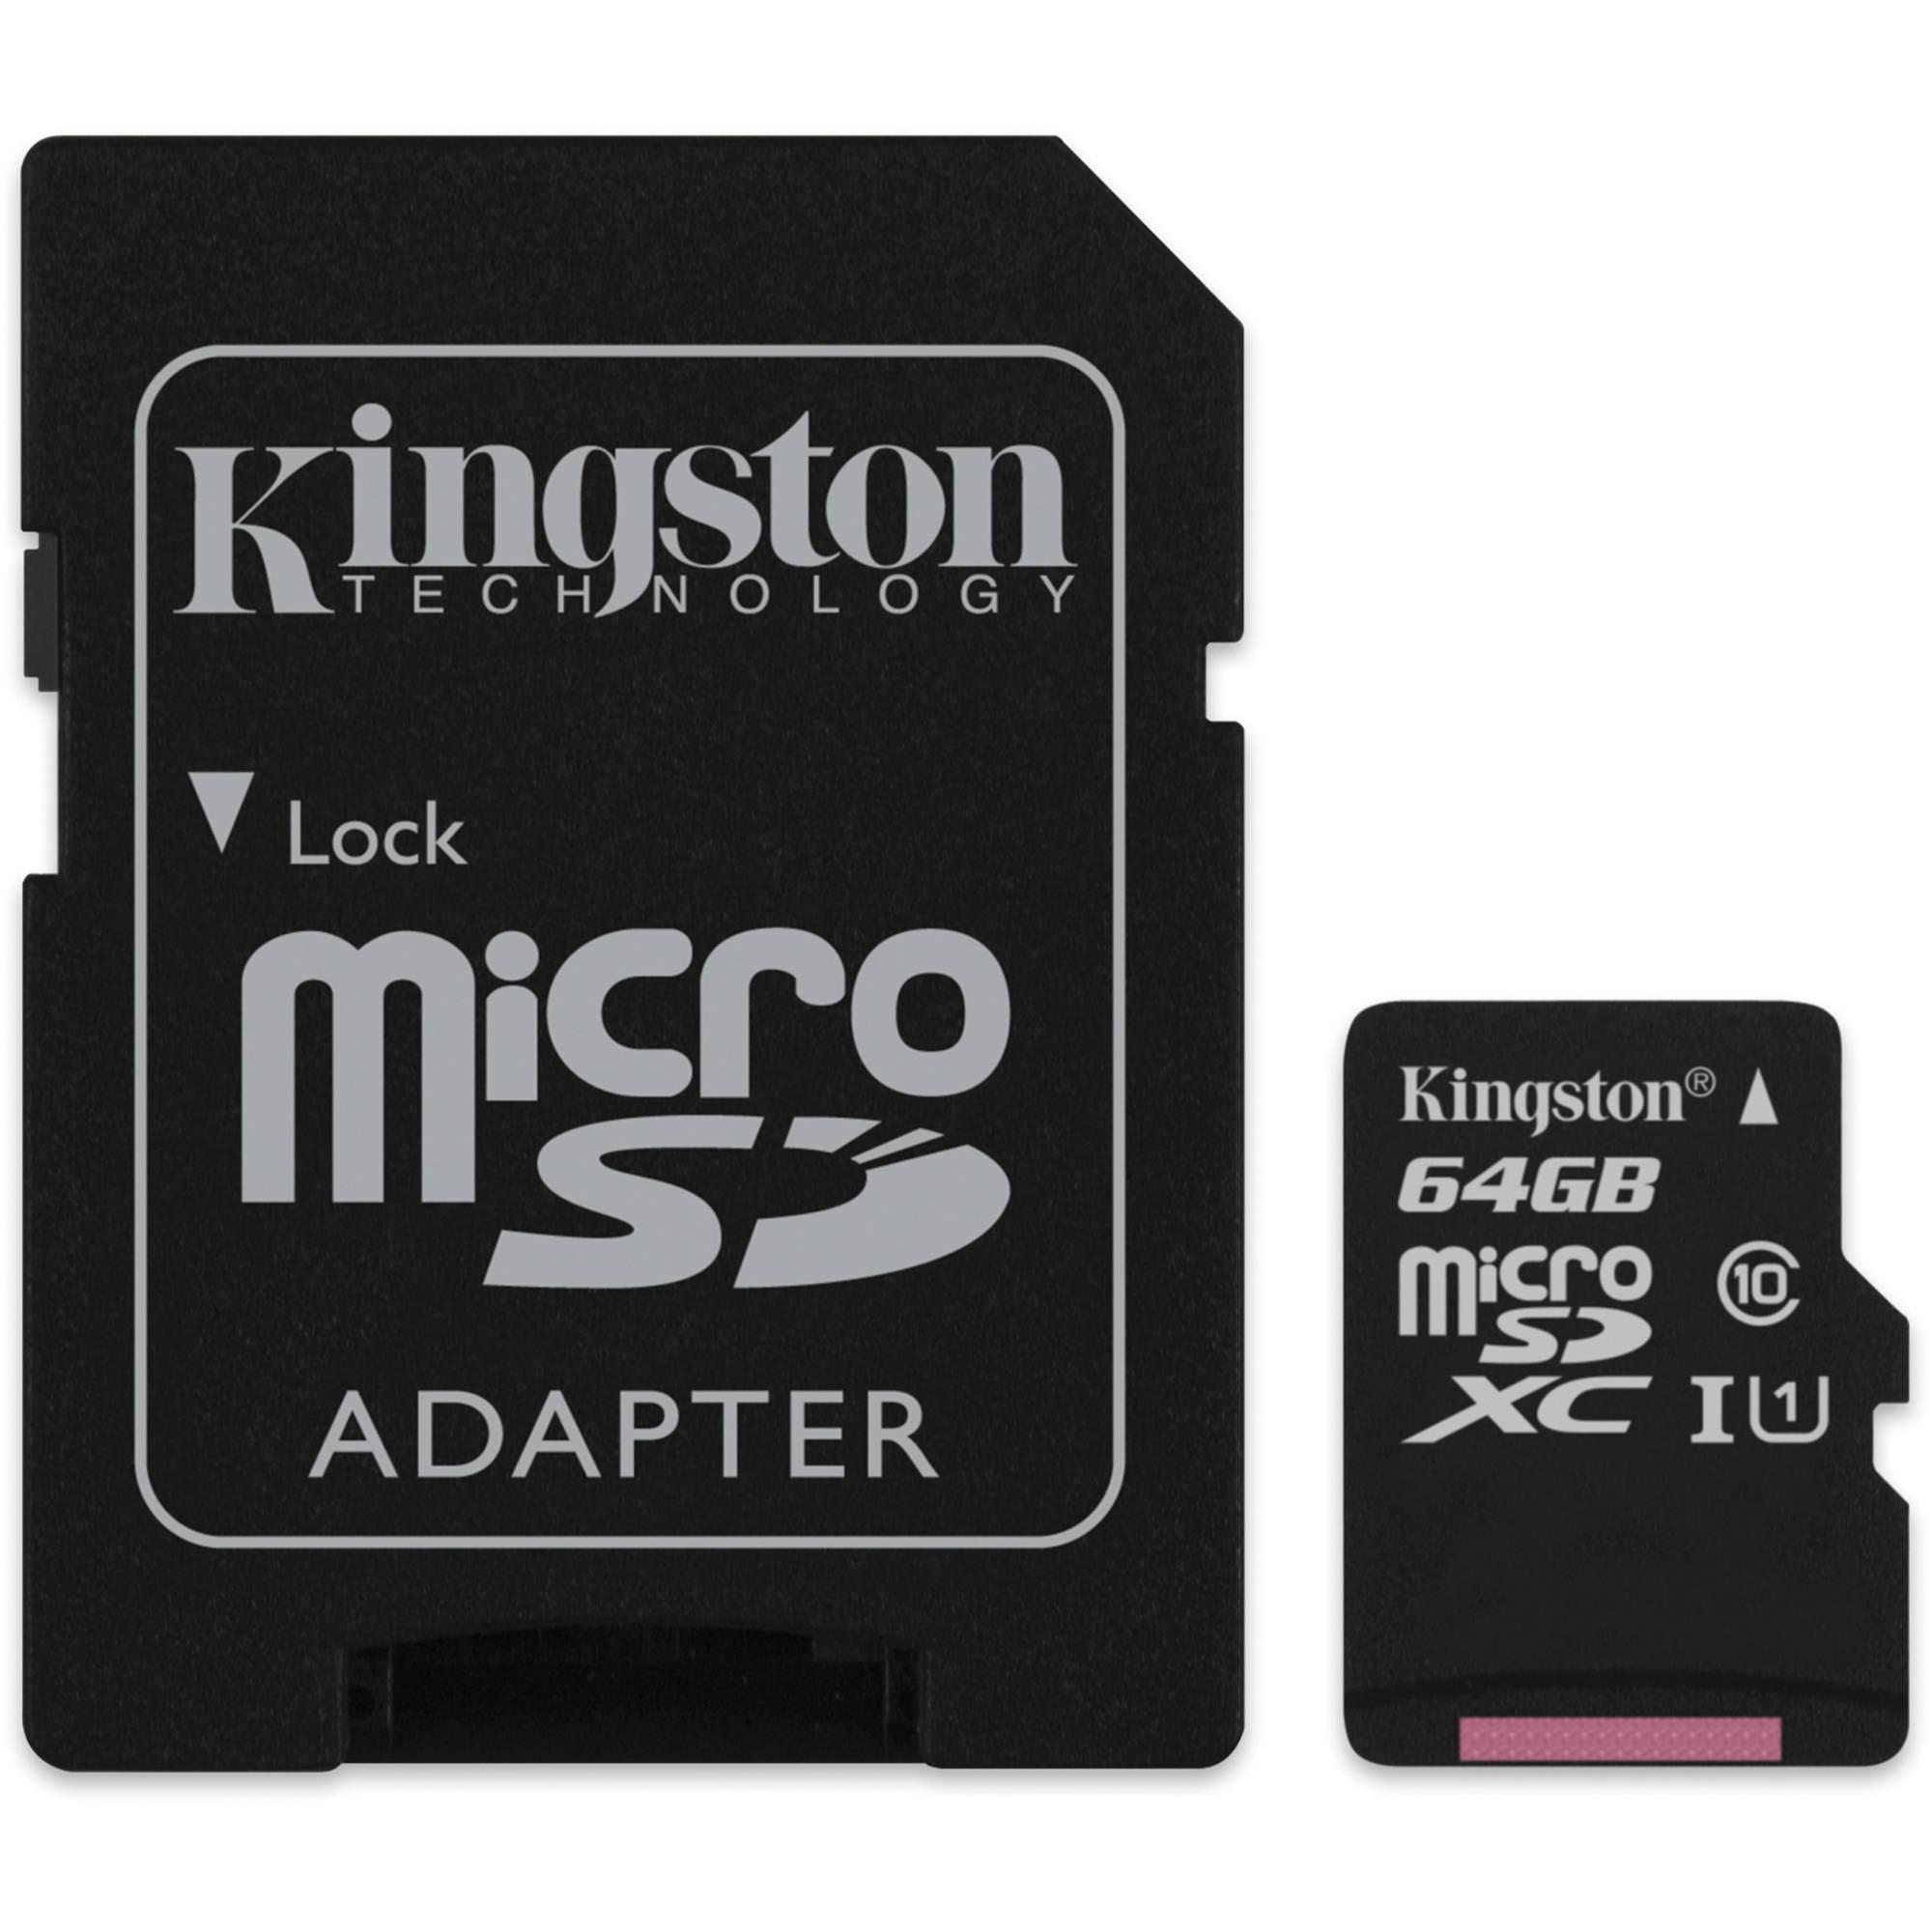 Kingston Κάρτα Μνήμης microSD 64GB - Class 10 (SDC10/64GB)